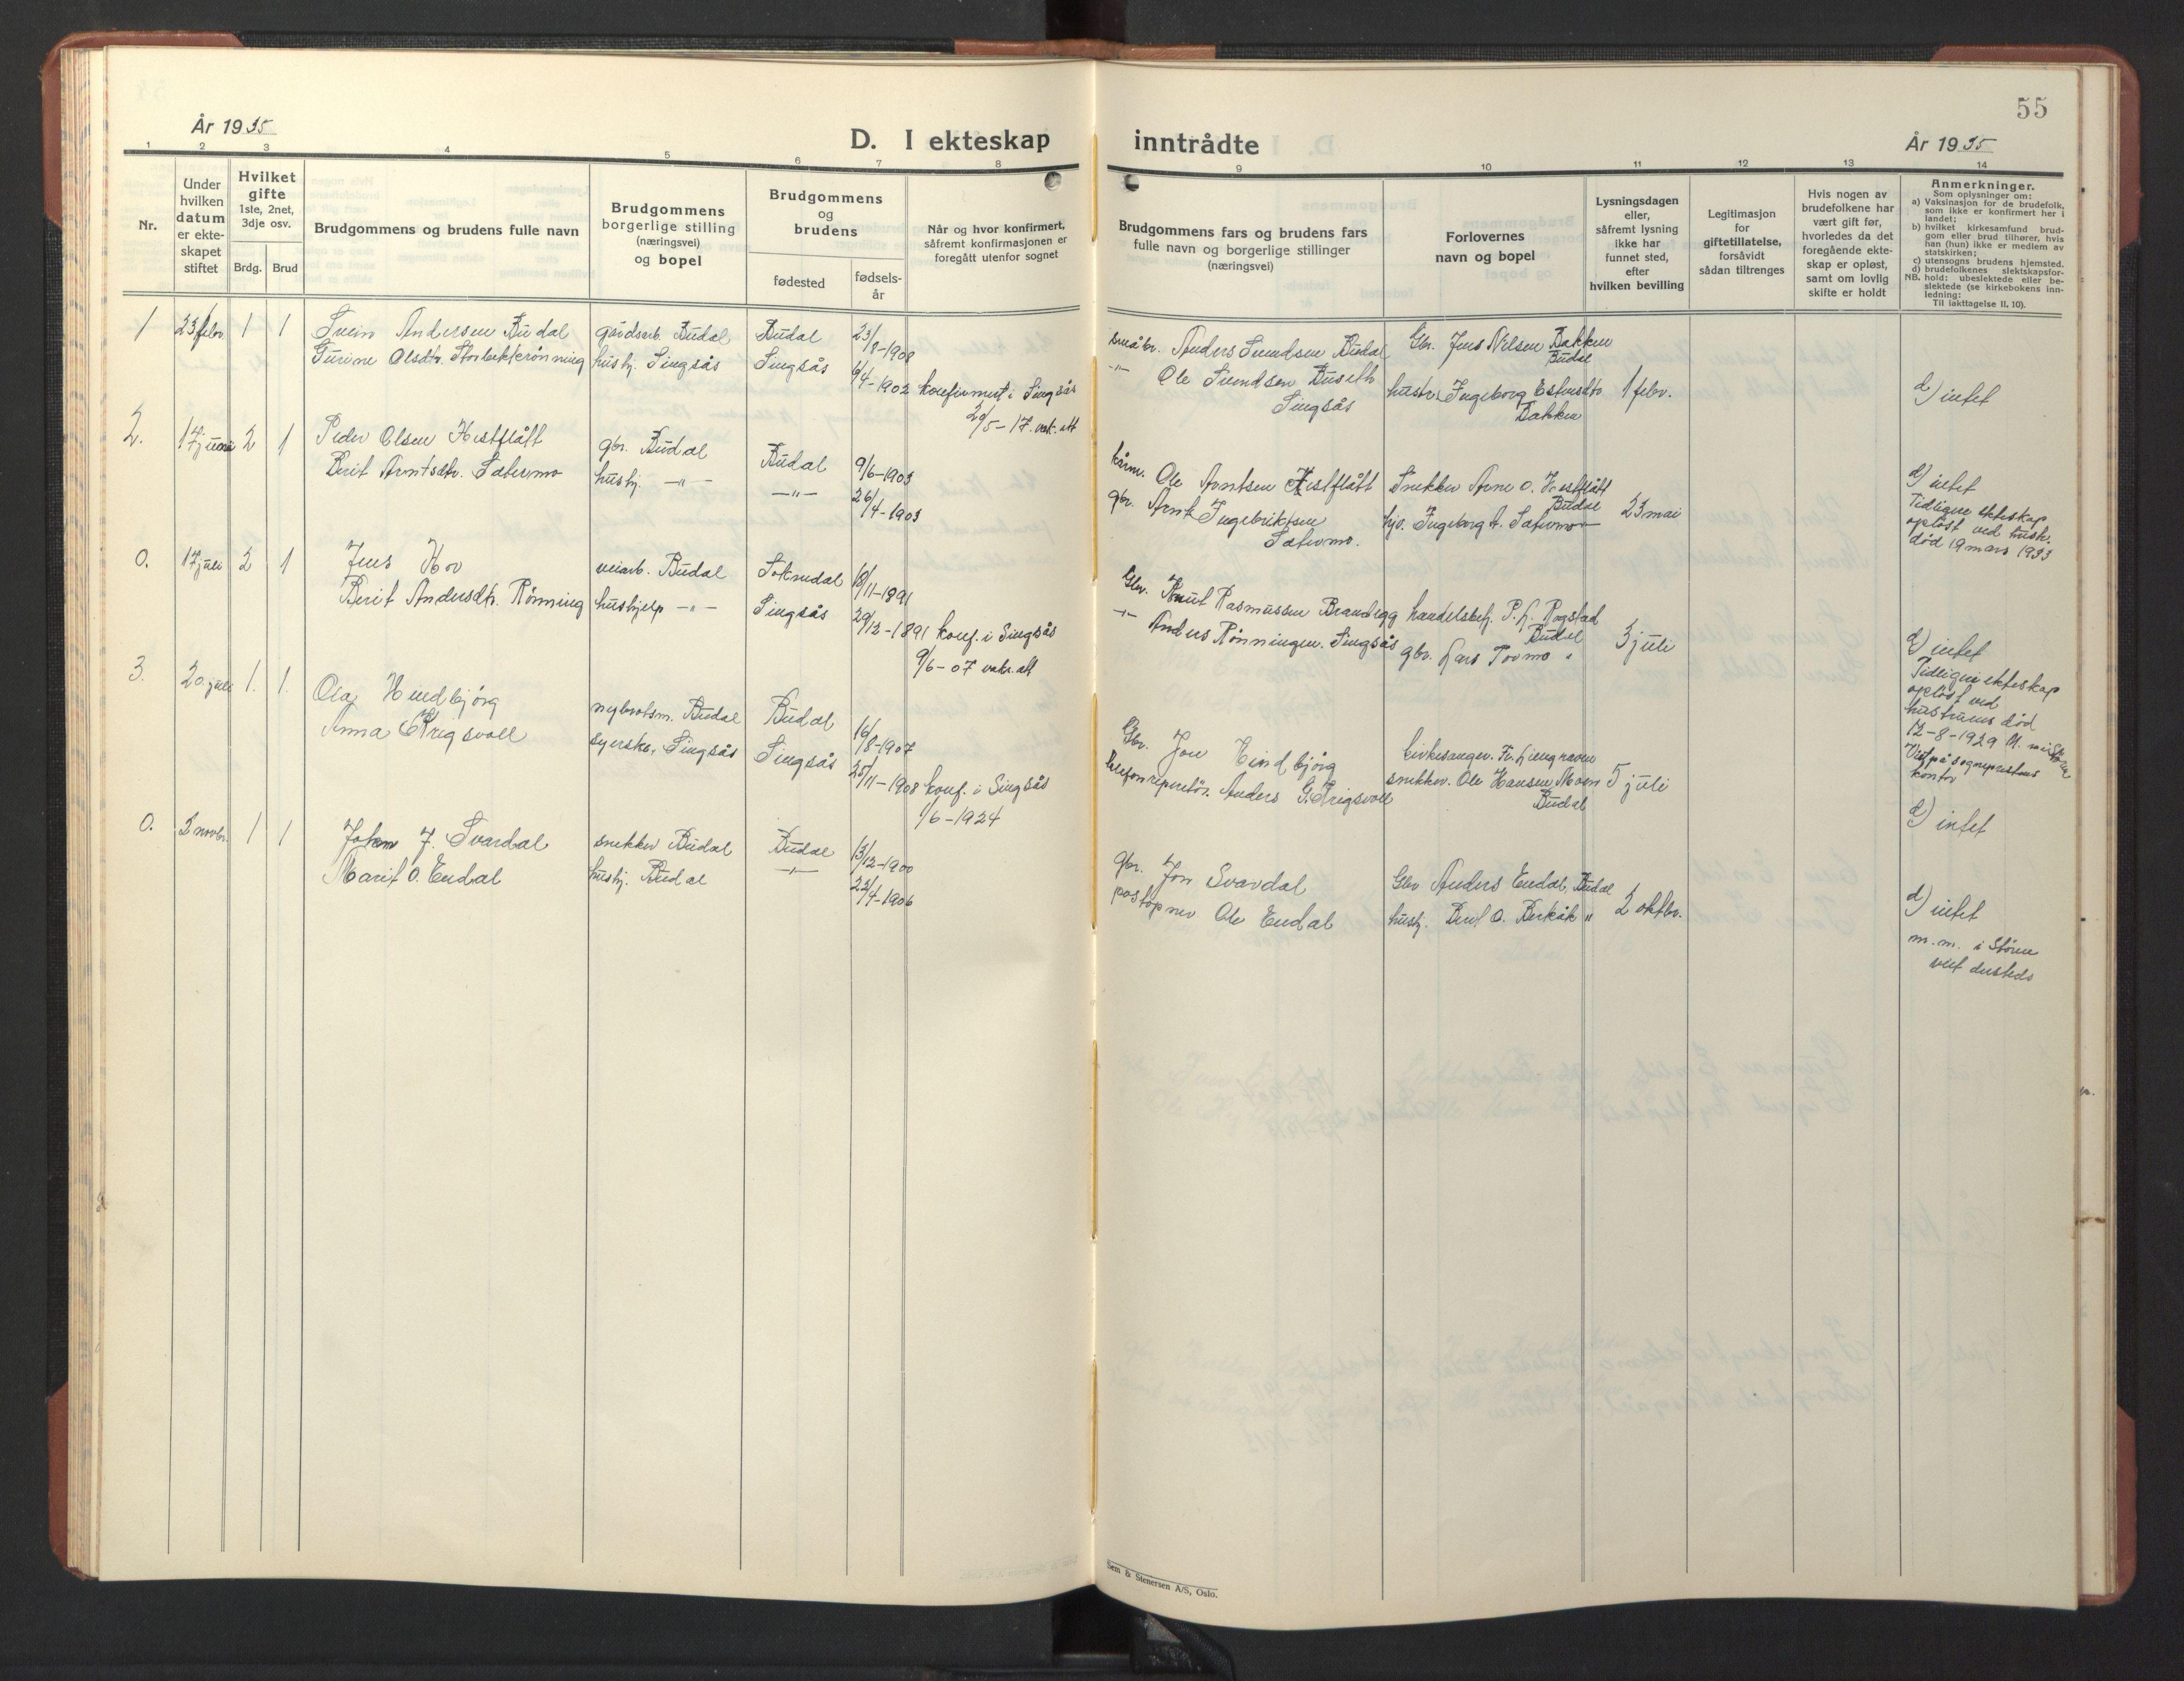 SAT, Ministerialprotokoller, klokkerbøker og fødselsregistre - Sør-Trøndelag, 690/L1053: Klokkerbok nr. 690C03, 1930-1947, s. 55